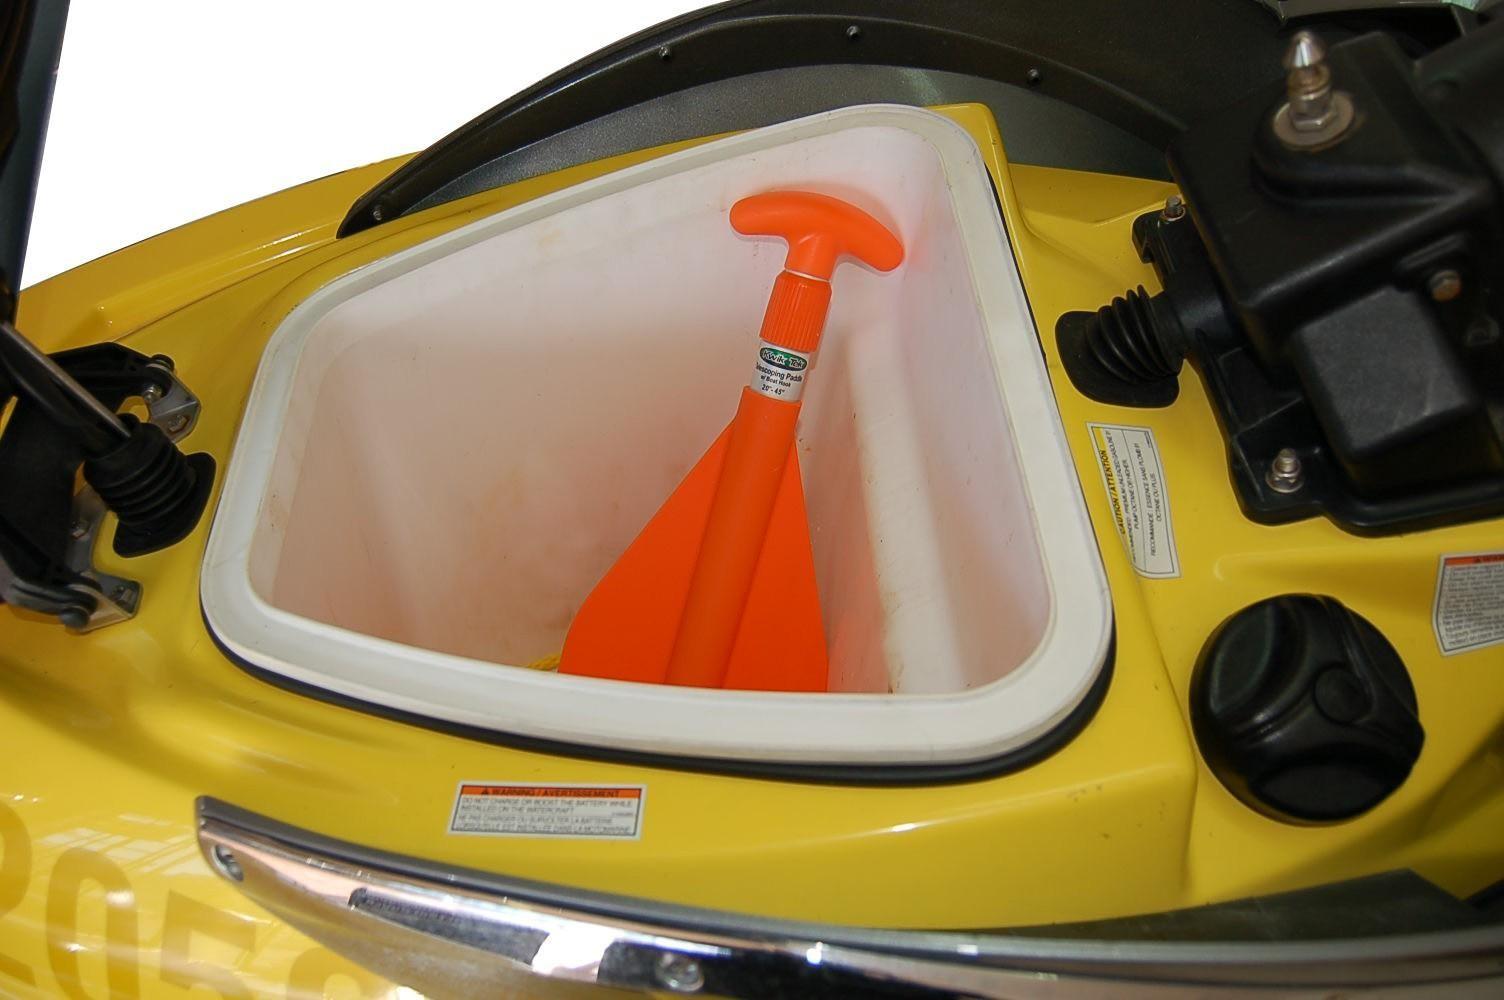 Emergency Paddle